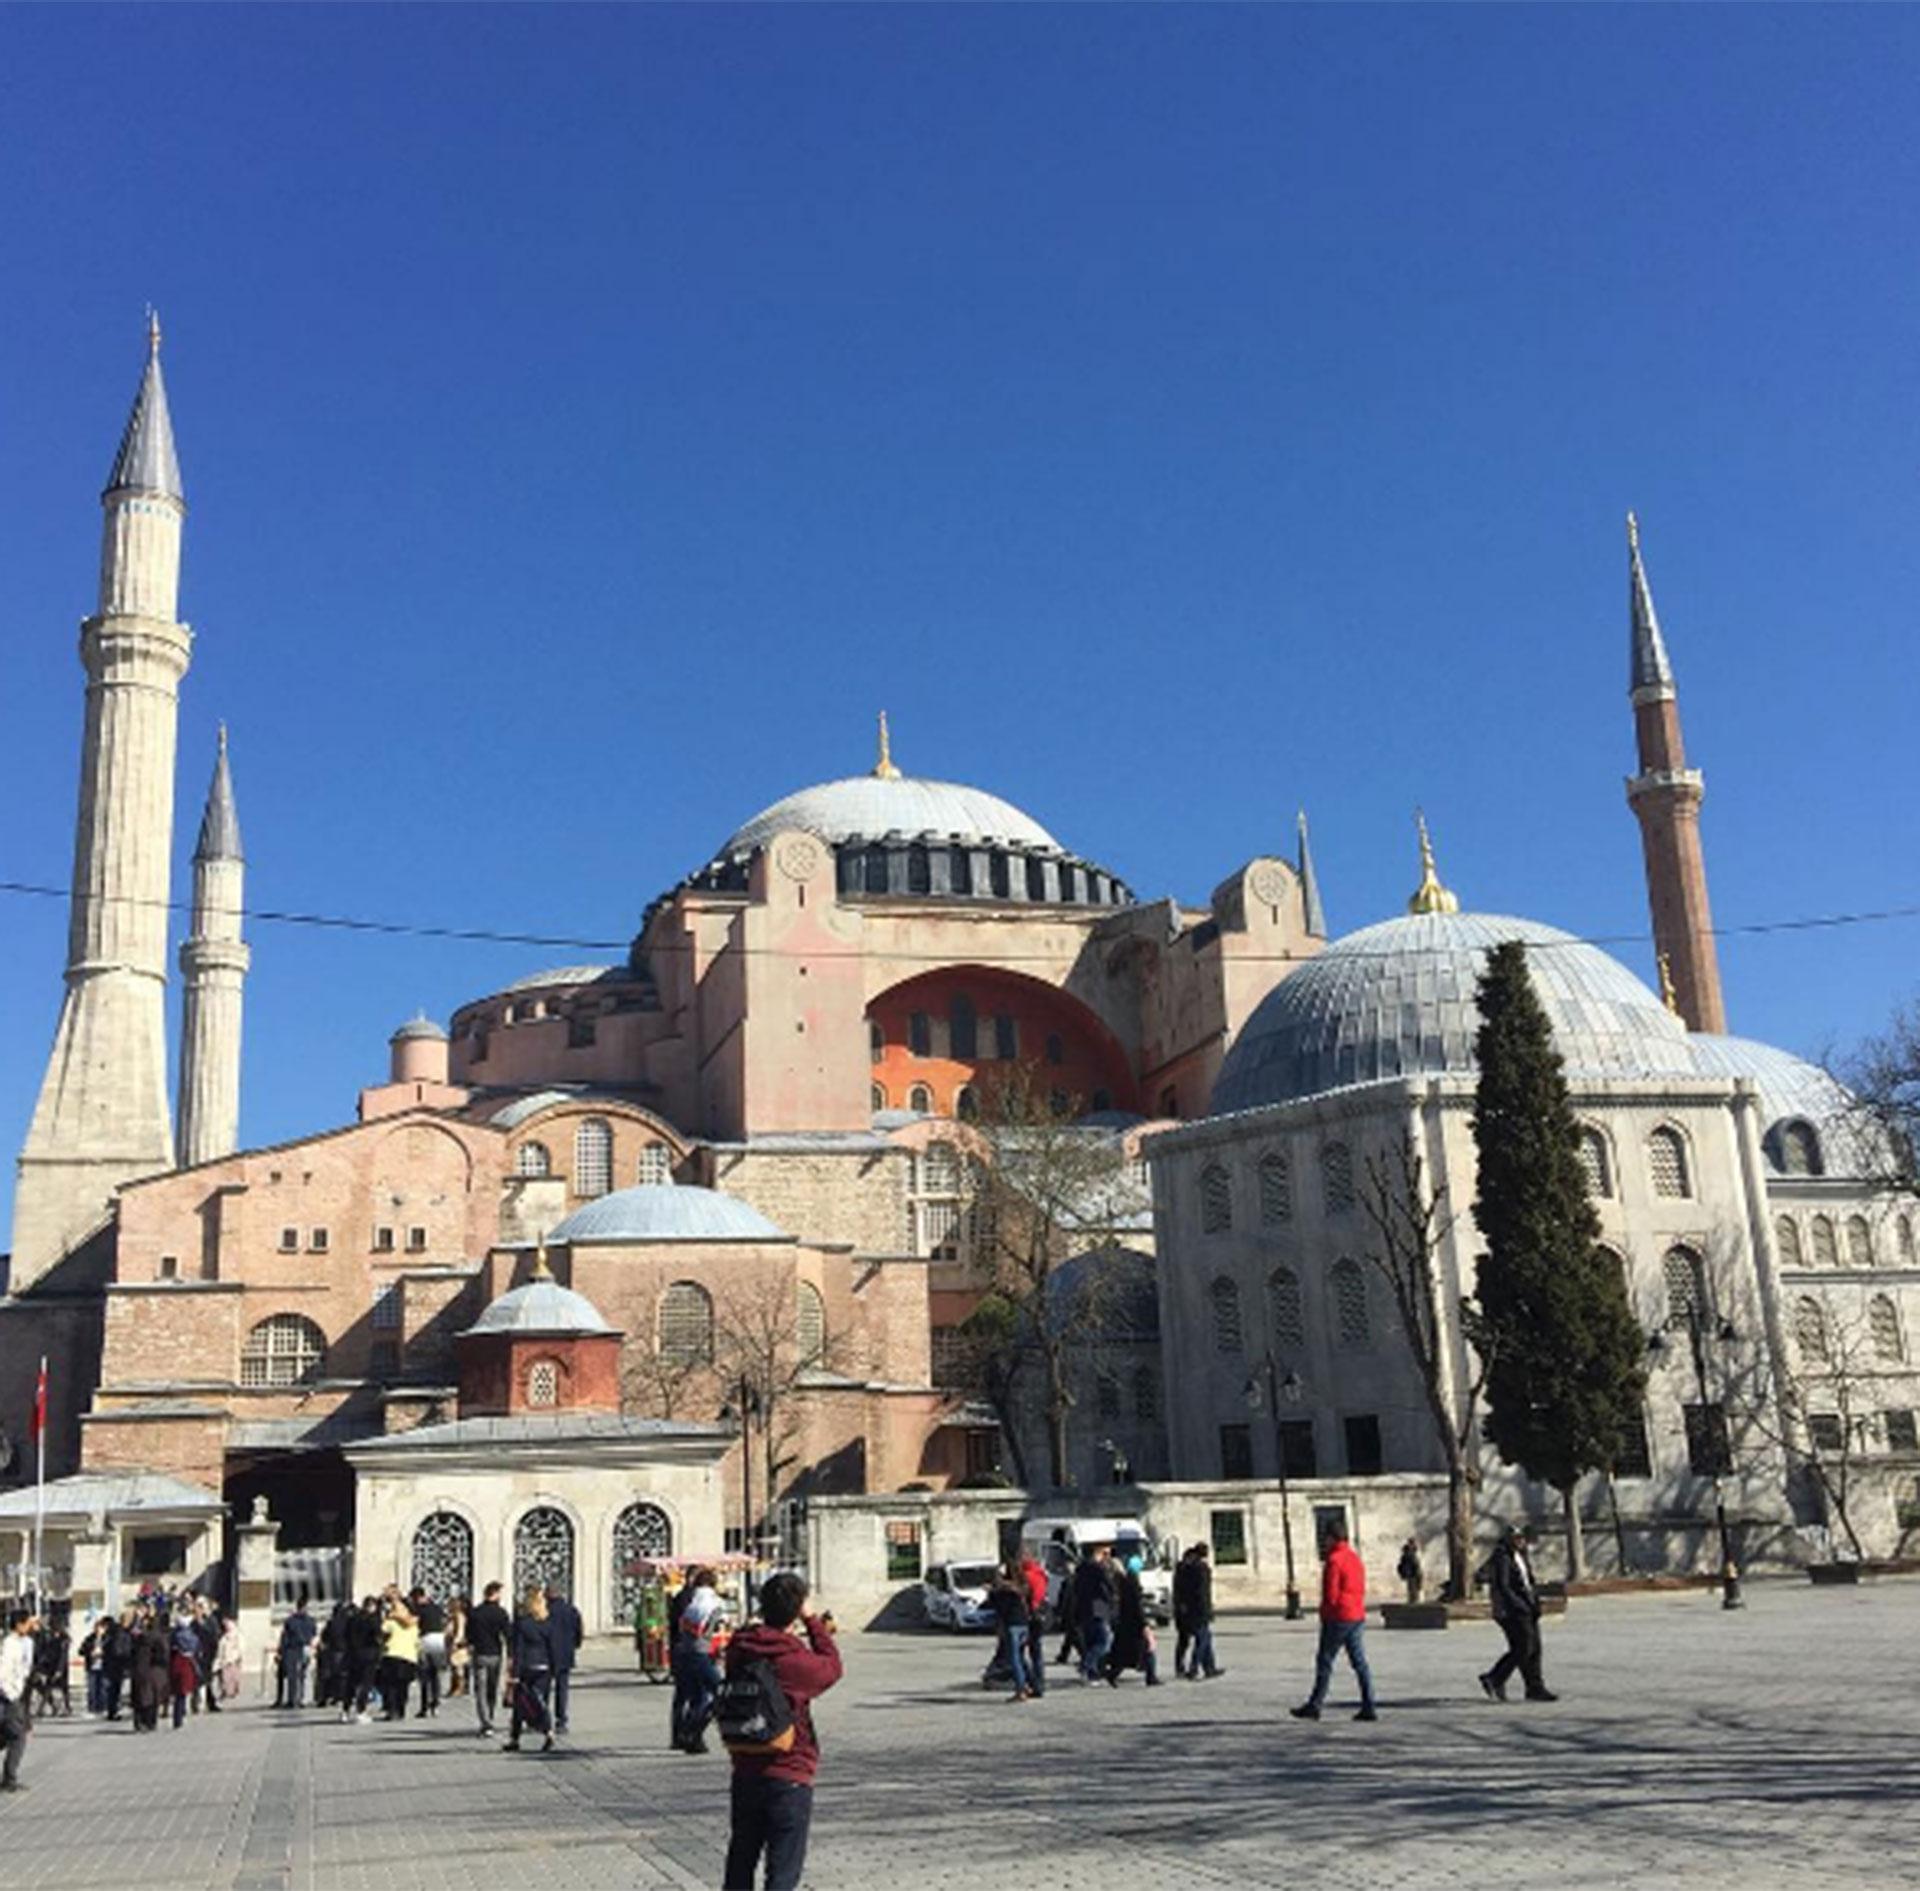 Estambul, Turquía. Cuando comenzó el viaje, Medio Oriente no era un lugar tan peligroso como ahora